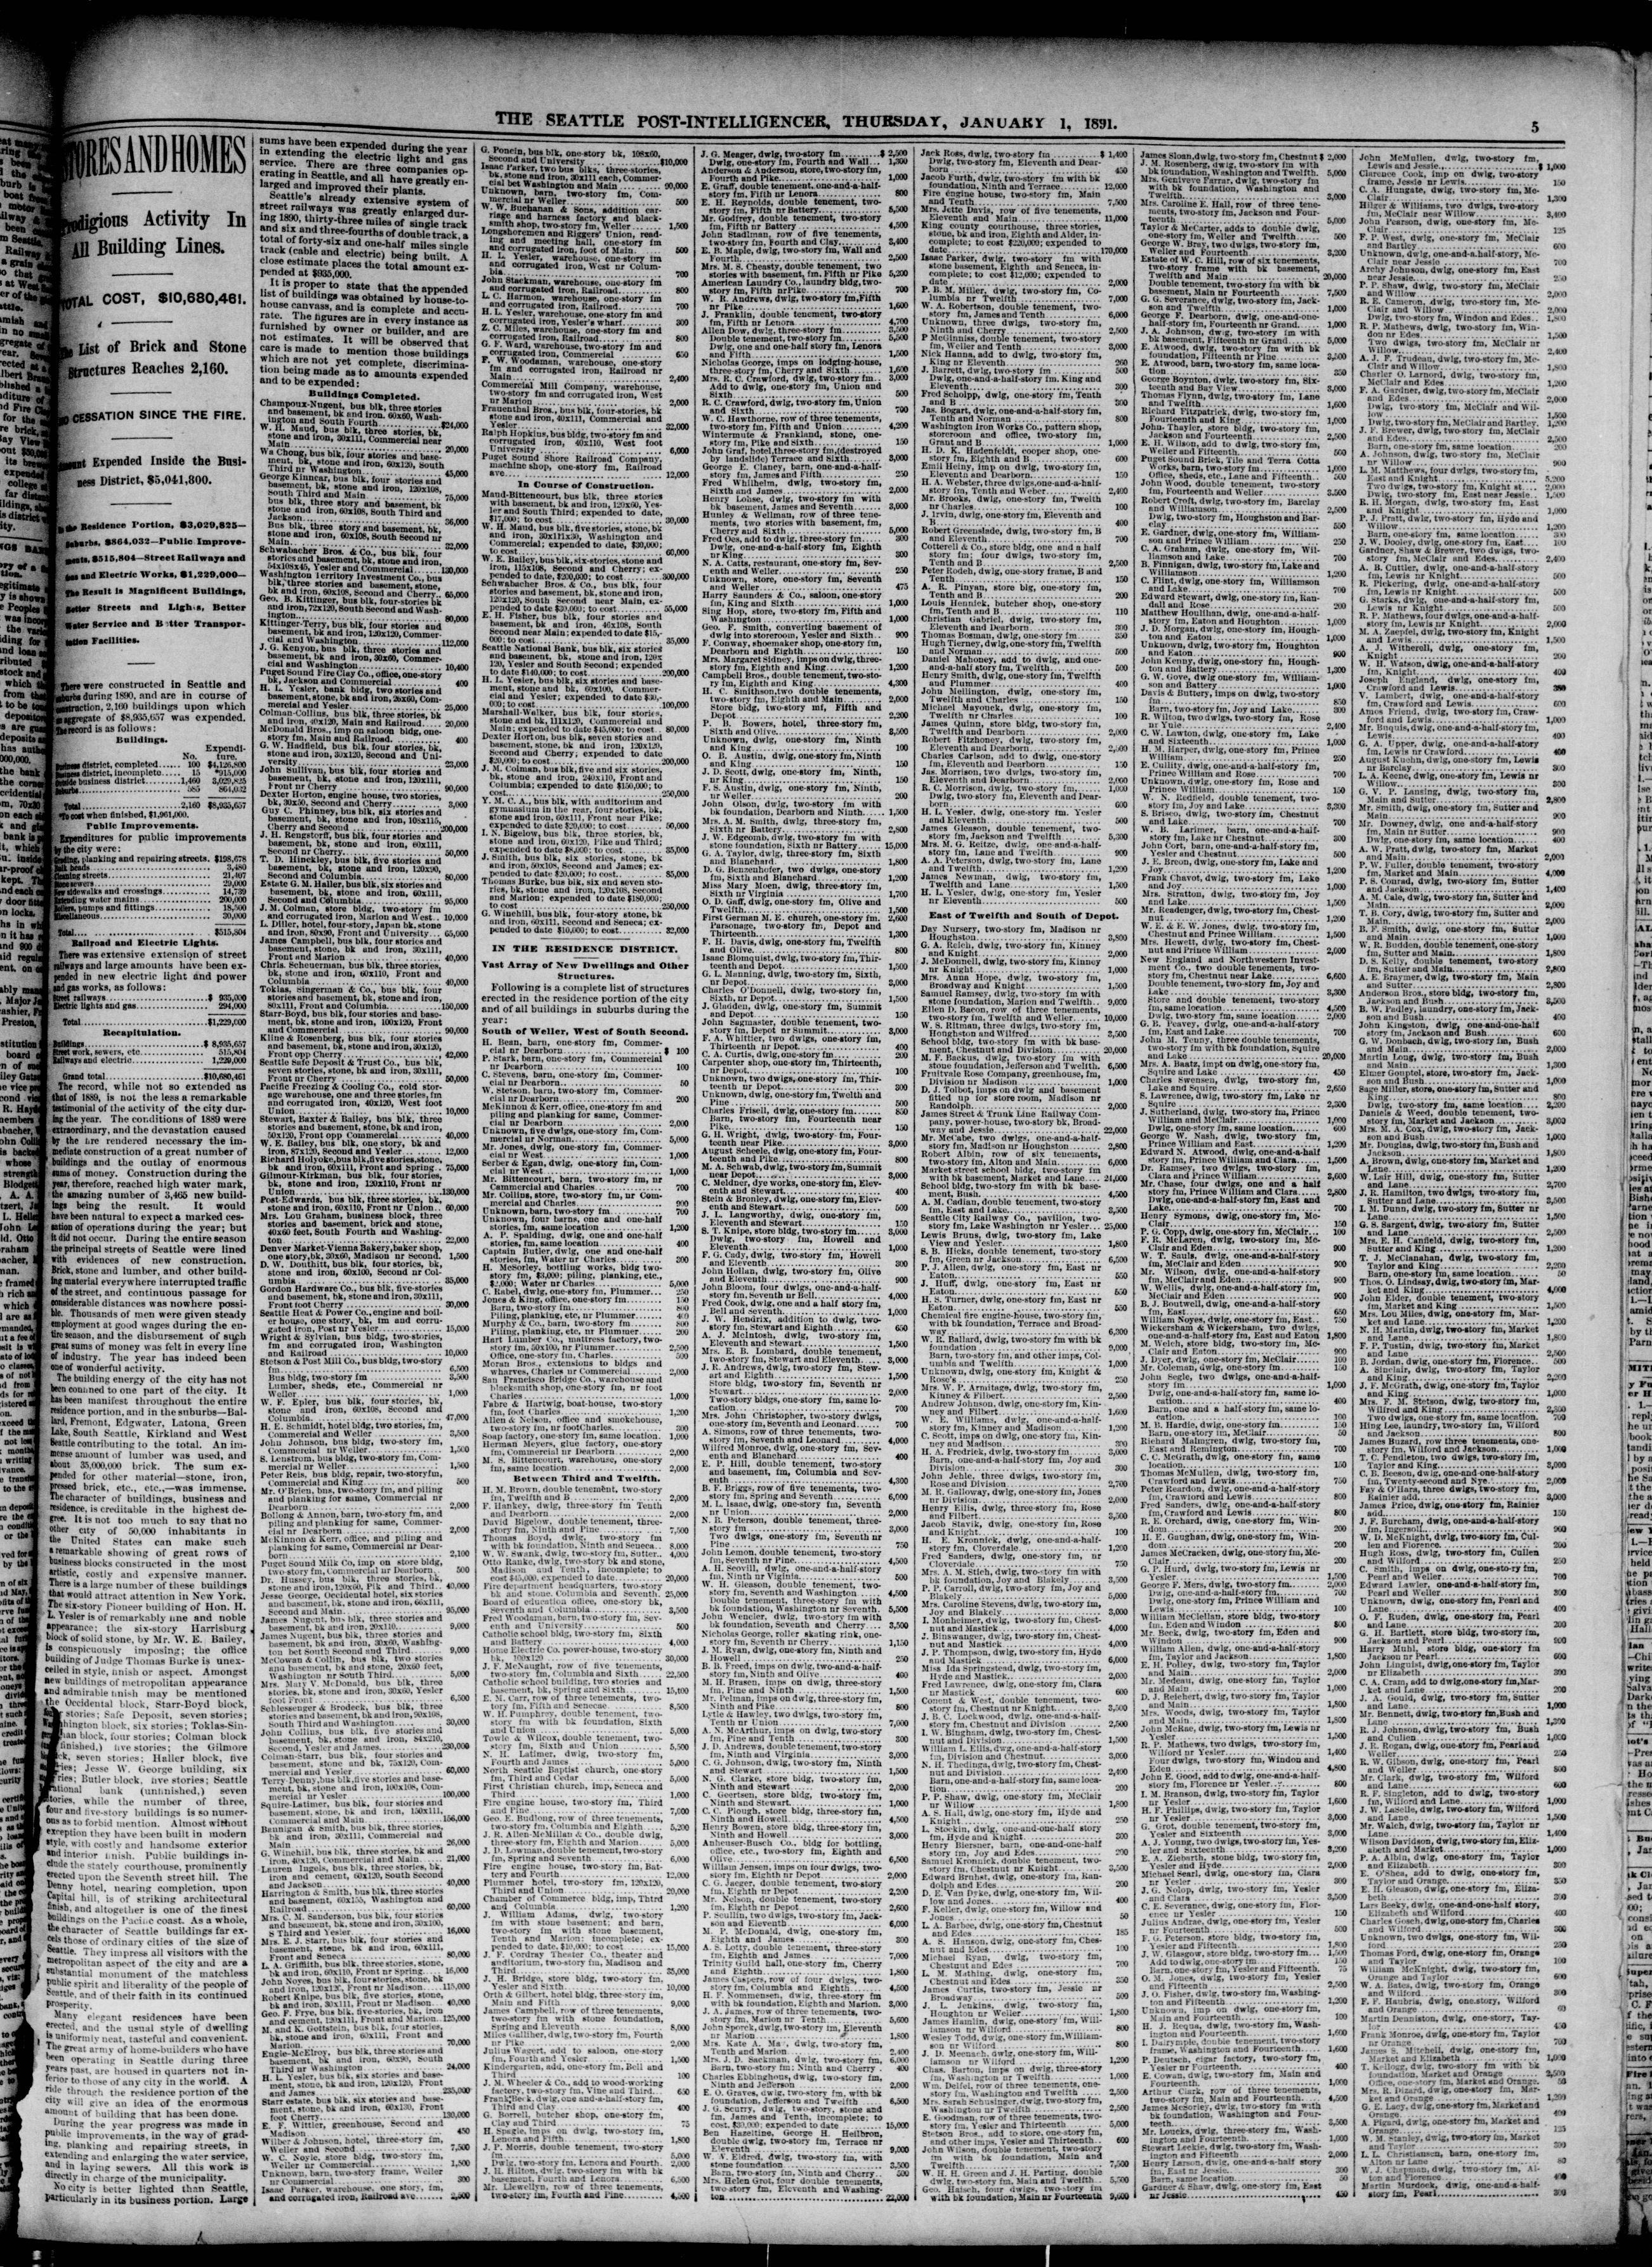 1890_Seattle_Buildings-page-001_1.jpg